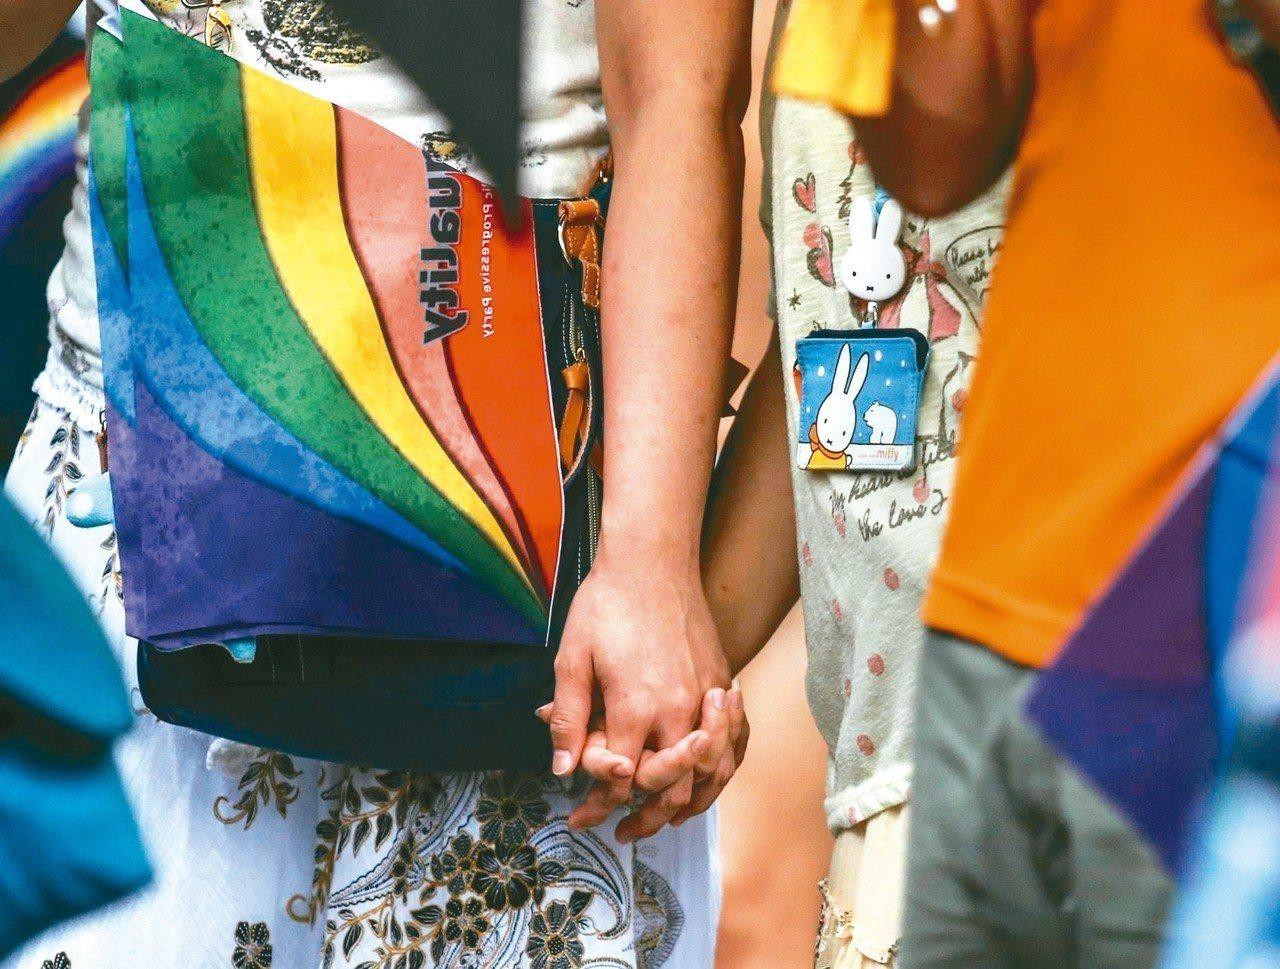 全國有近兩百對同性伴侶,計畫要在524登記結婚。 圖╱聯合報系資料照片